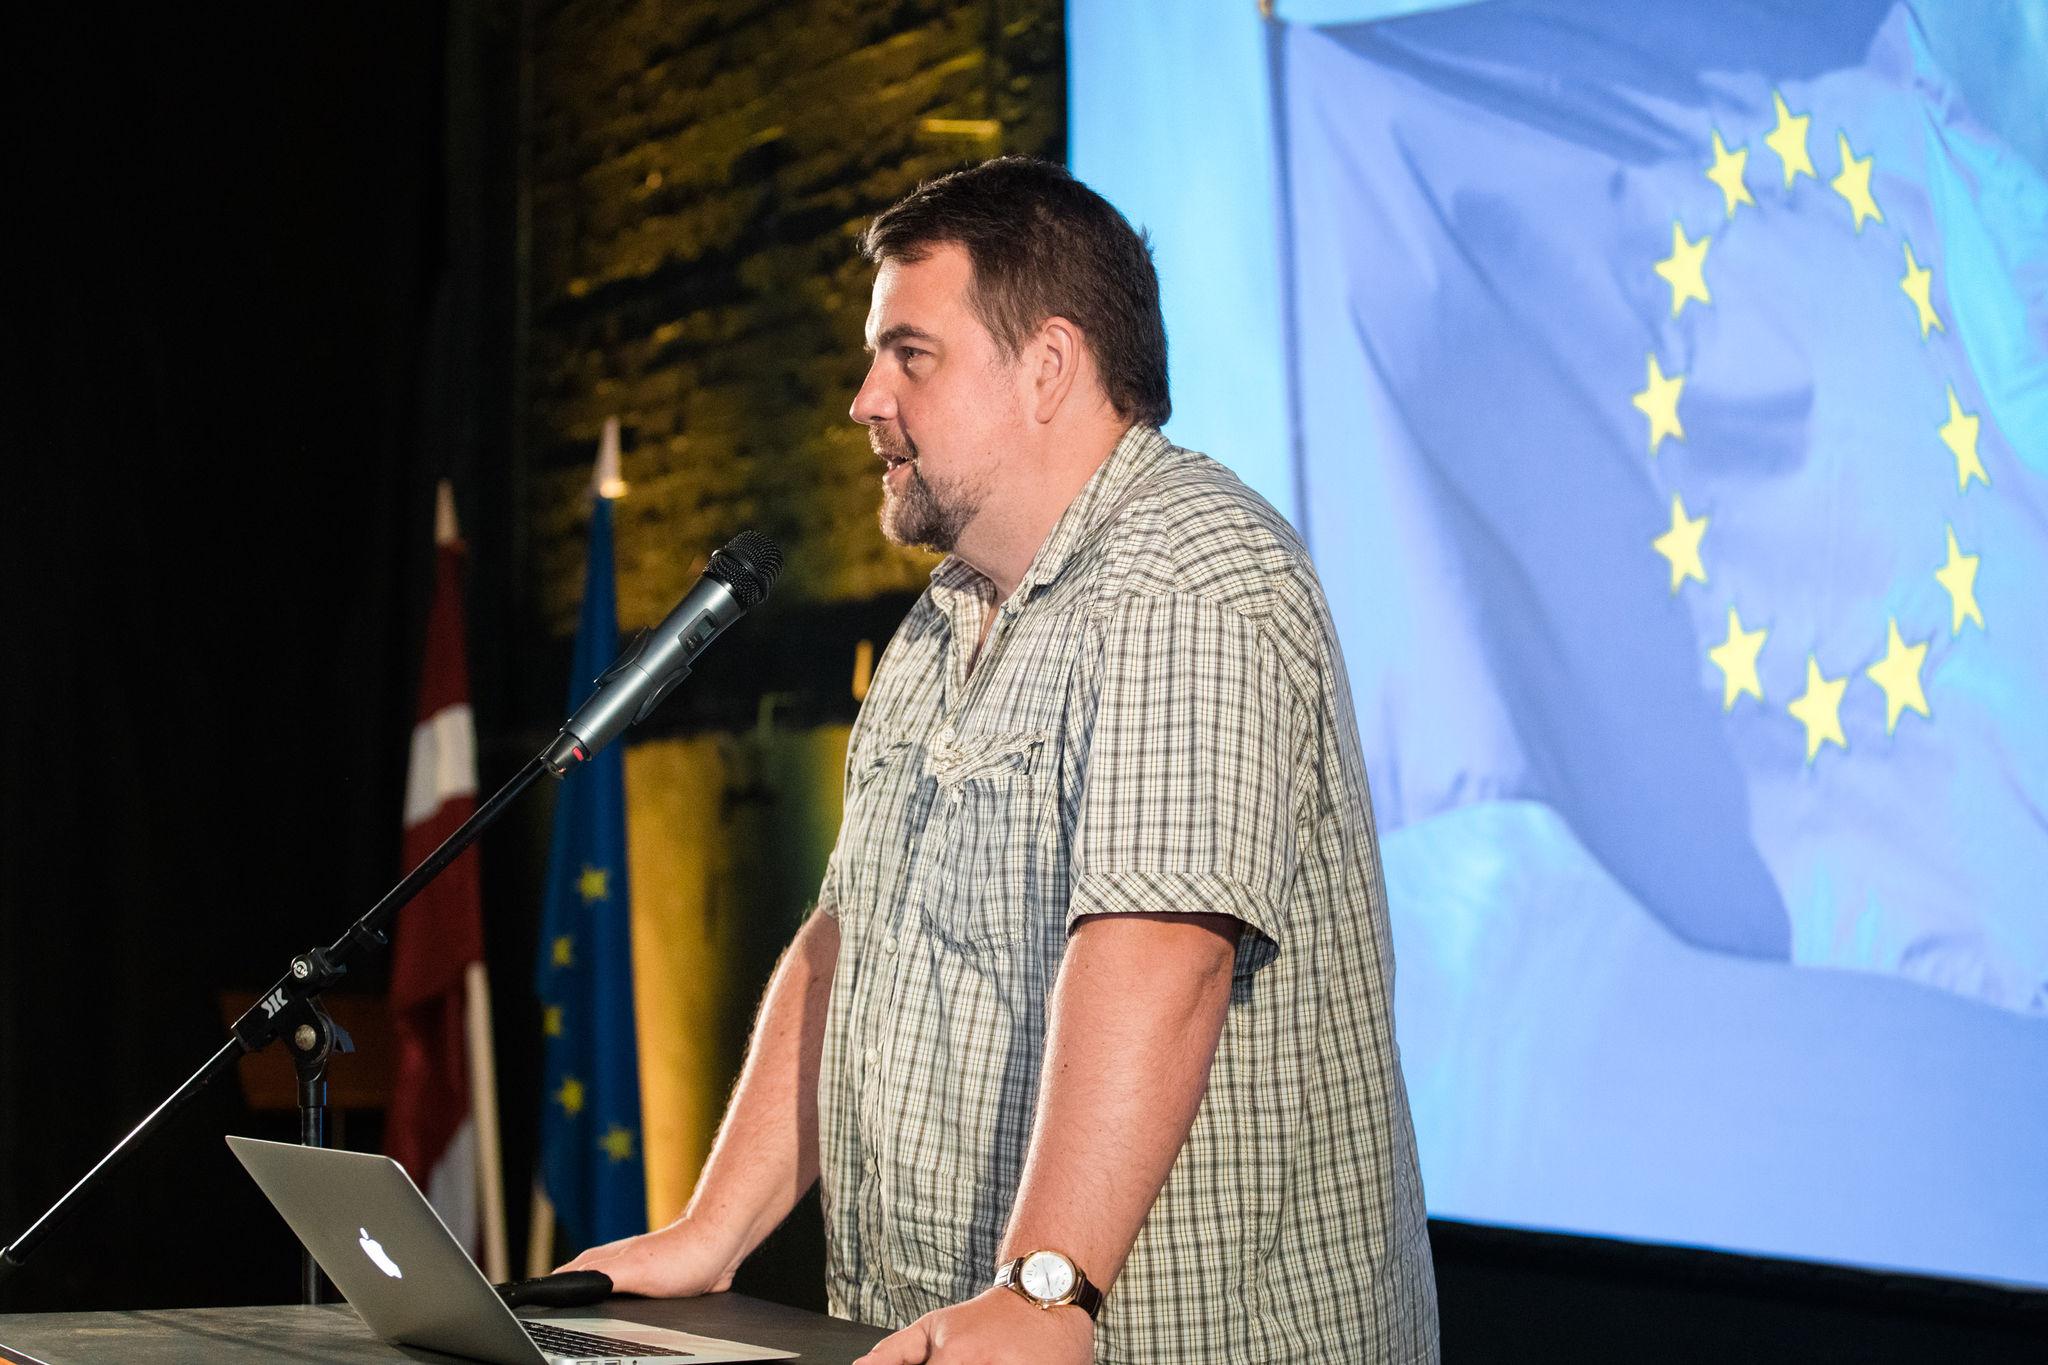 Ivars Ijabs uzsāk darbu Eiropas Parlamentā